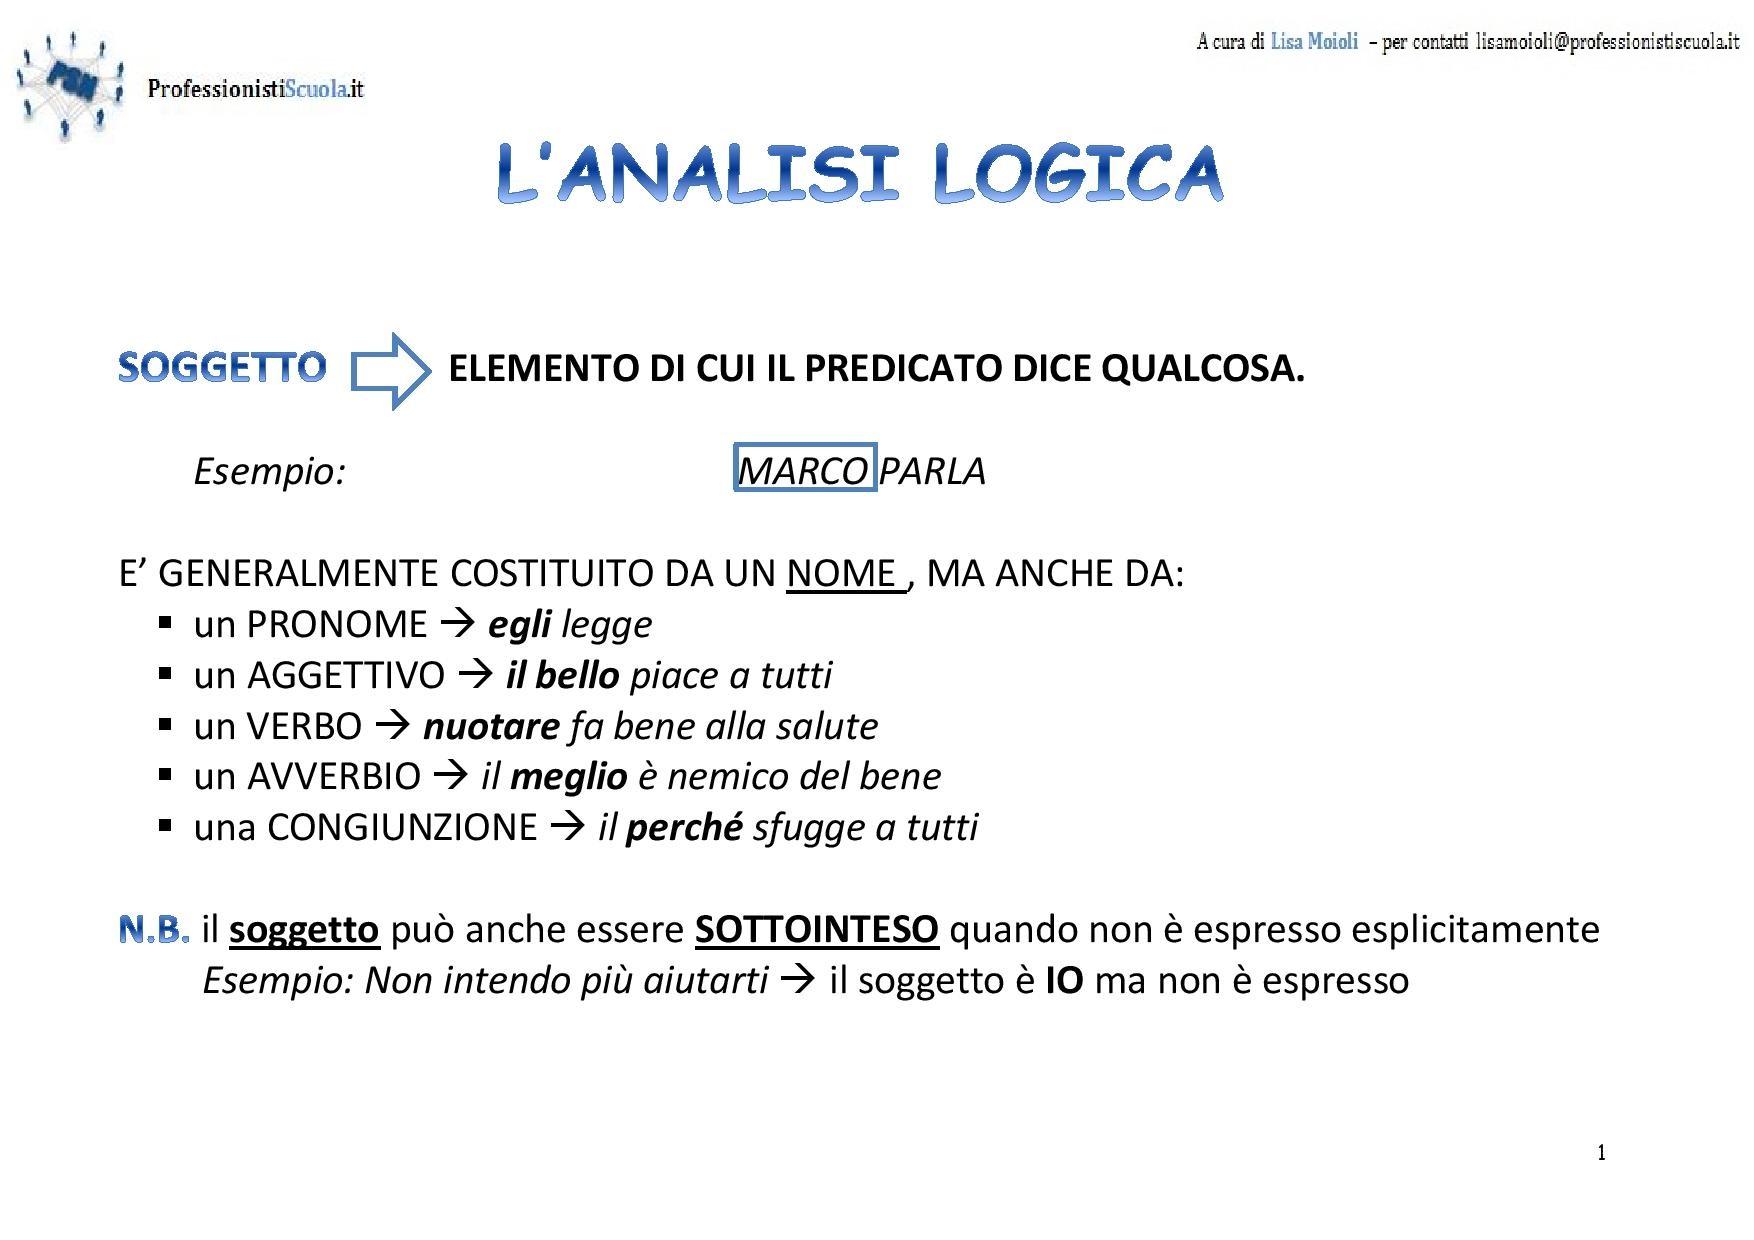 Analisi Logica Soggetto E Predicato Professionisti Scuola